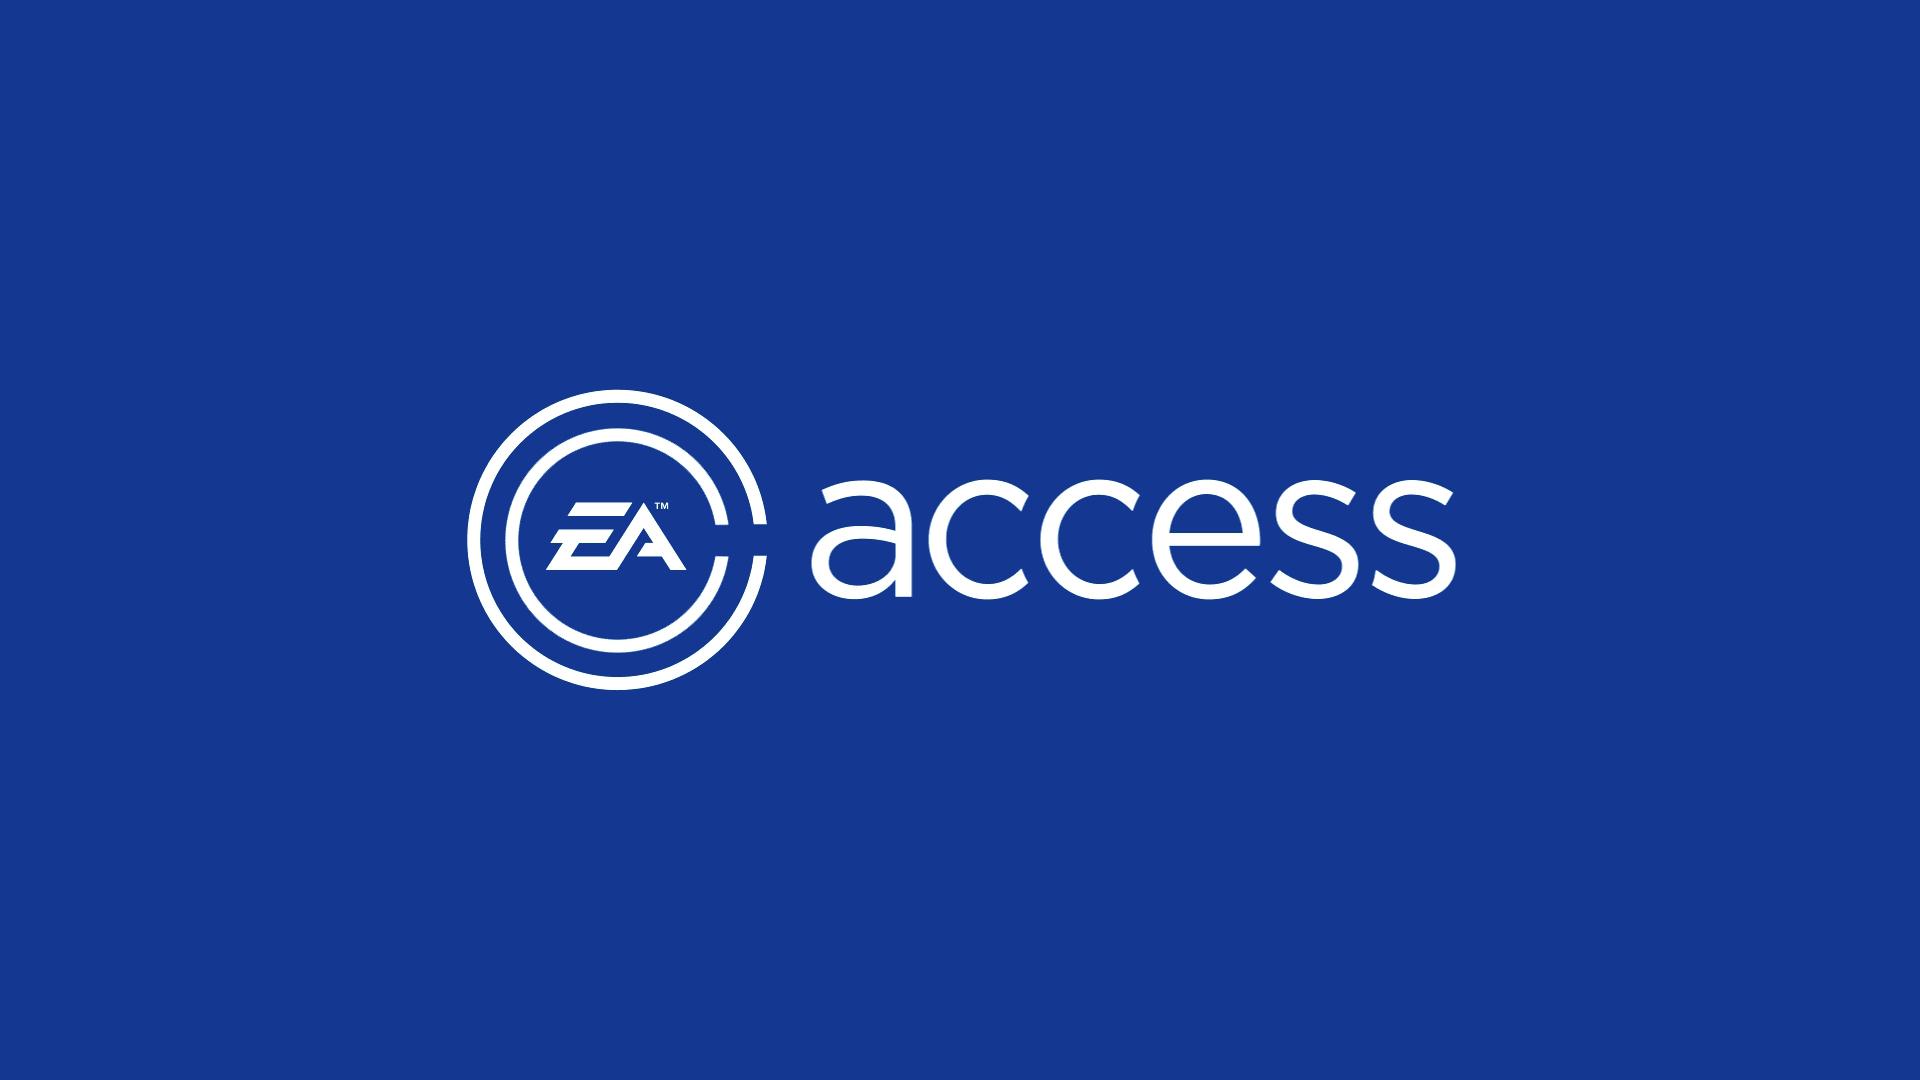 بازی های EA